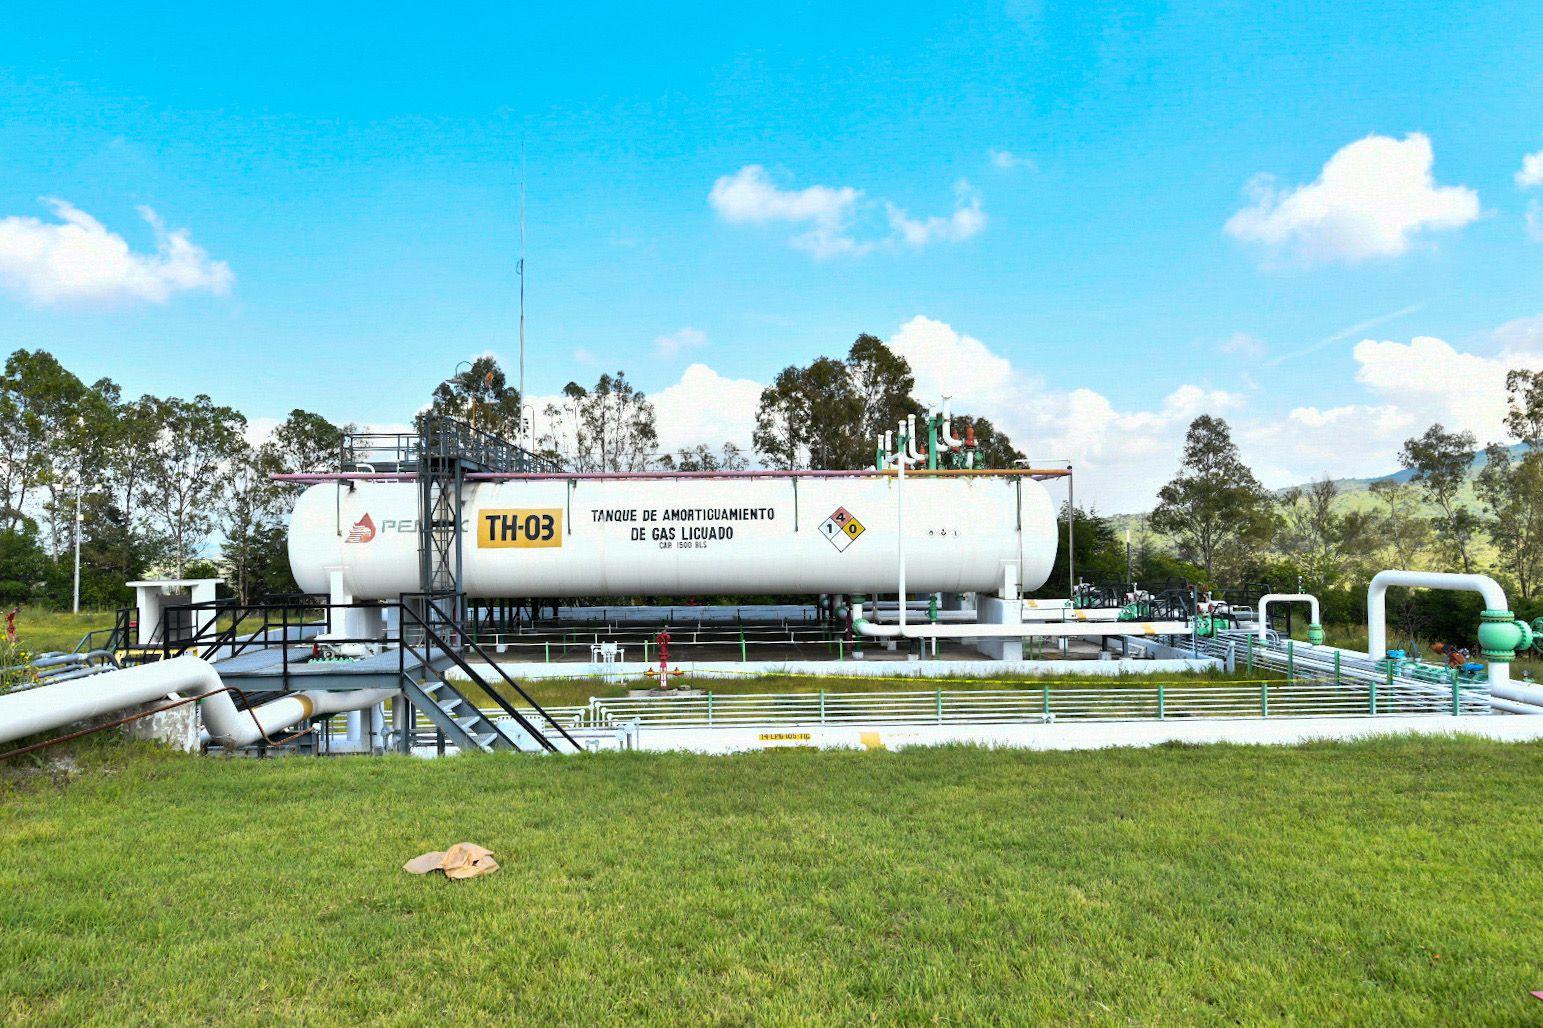 Gas Bienestar tendrá 6 plantas de distribución para pelear el mercado del gas LP de la CDMX